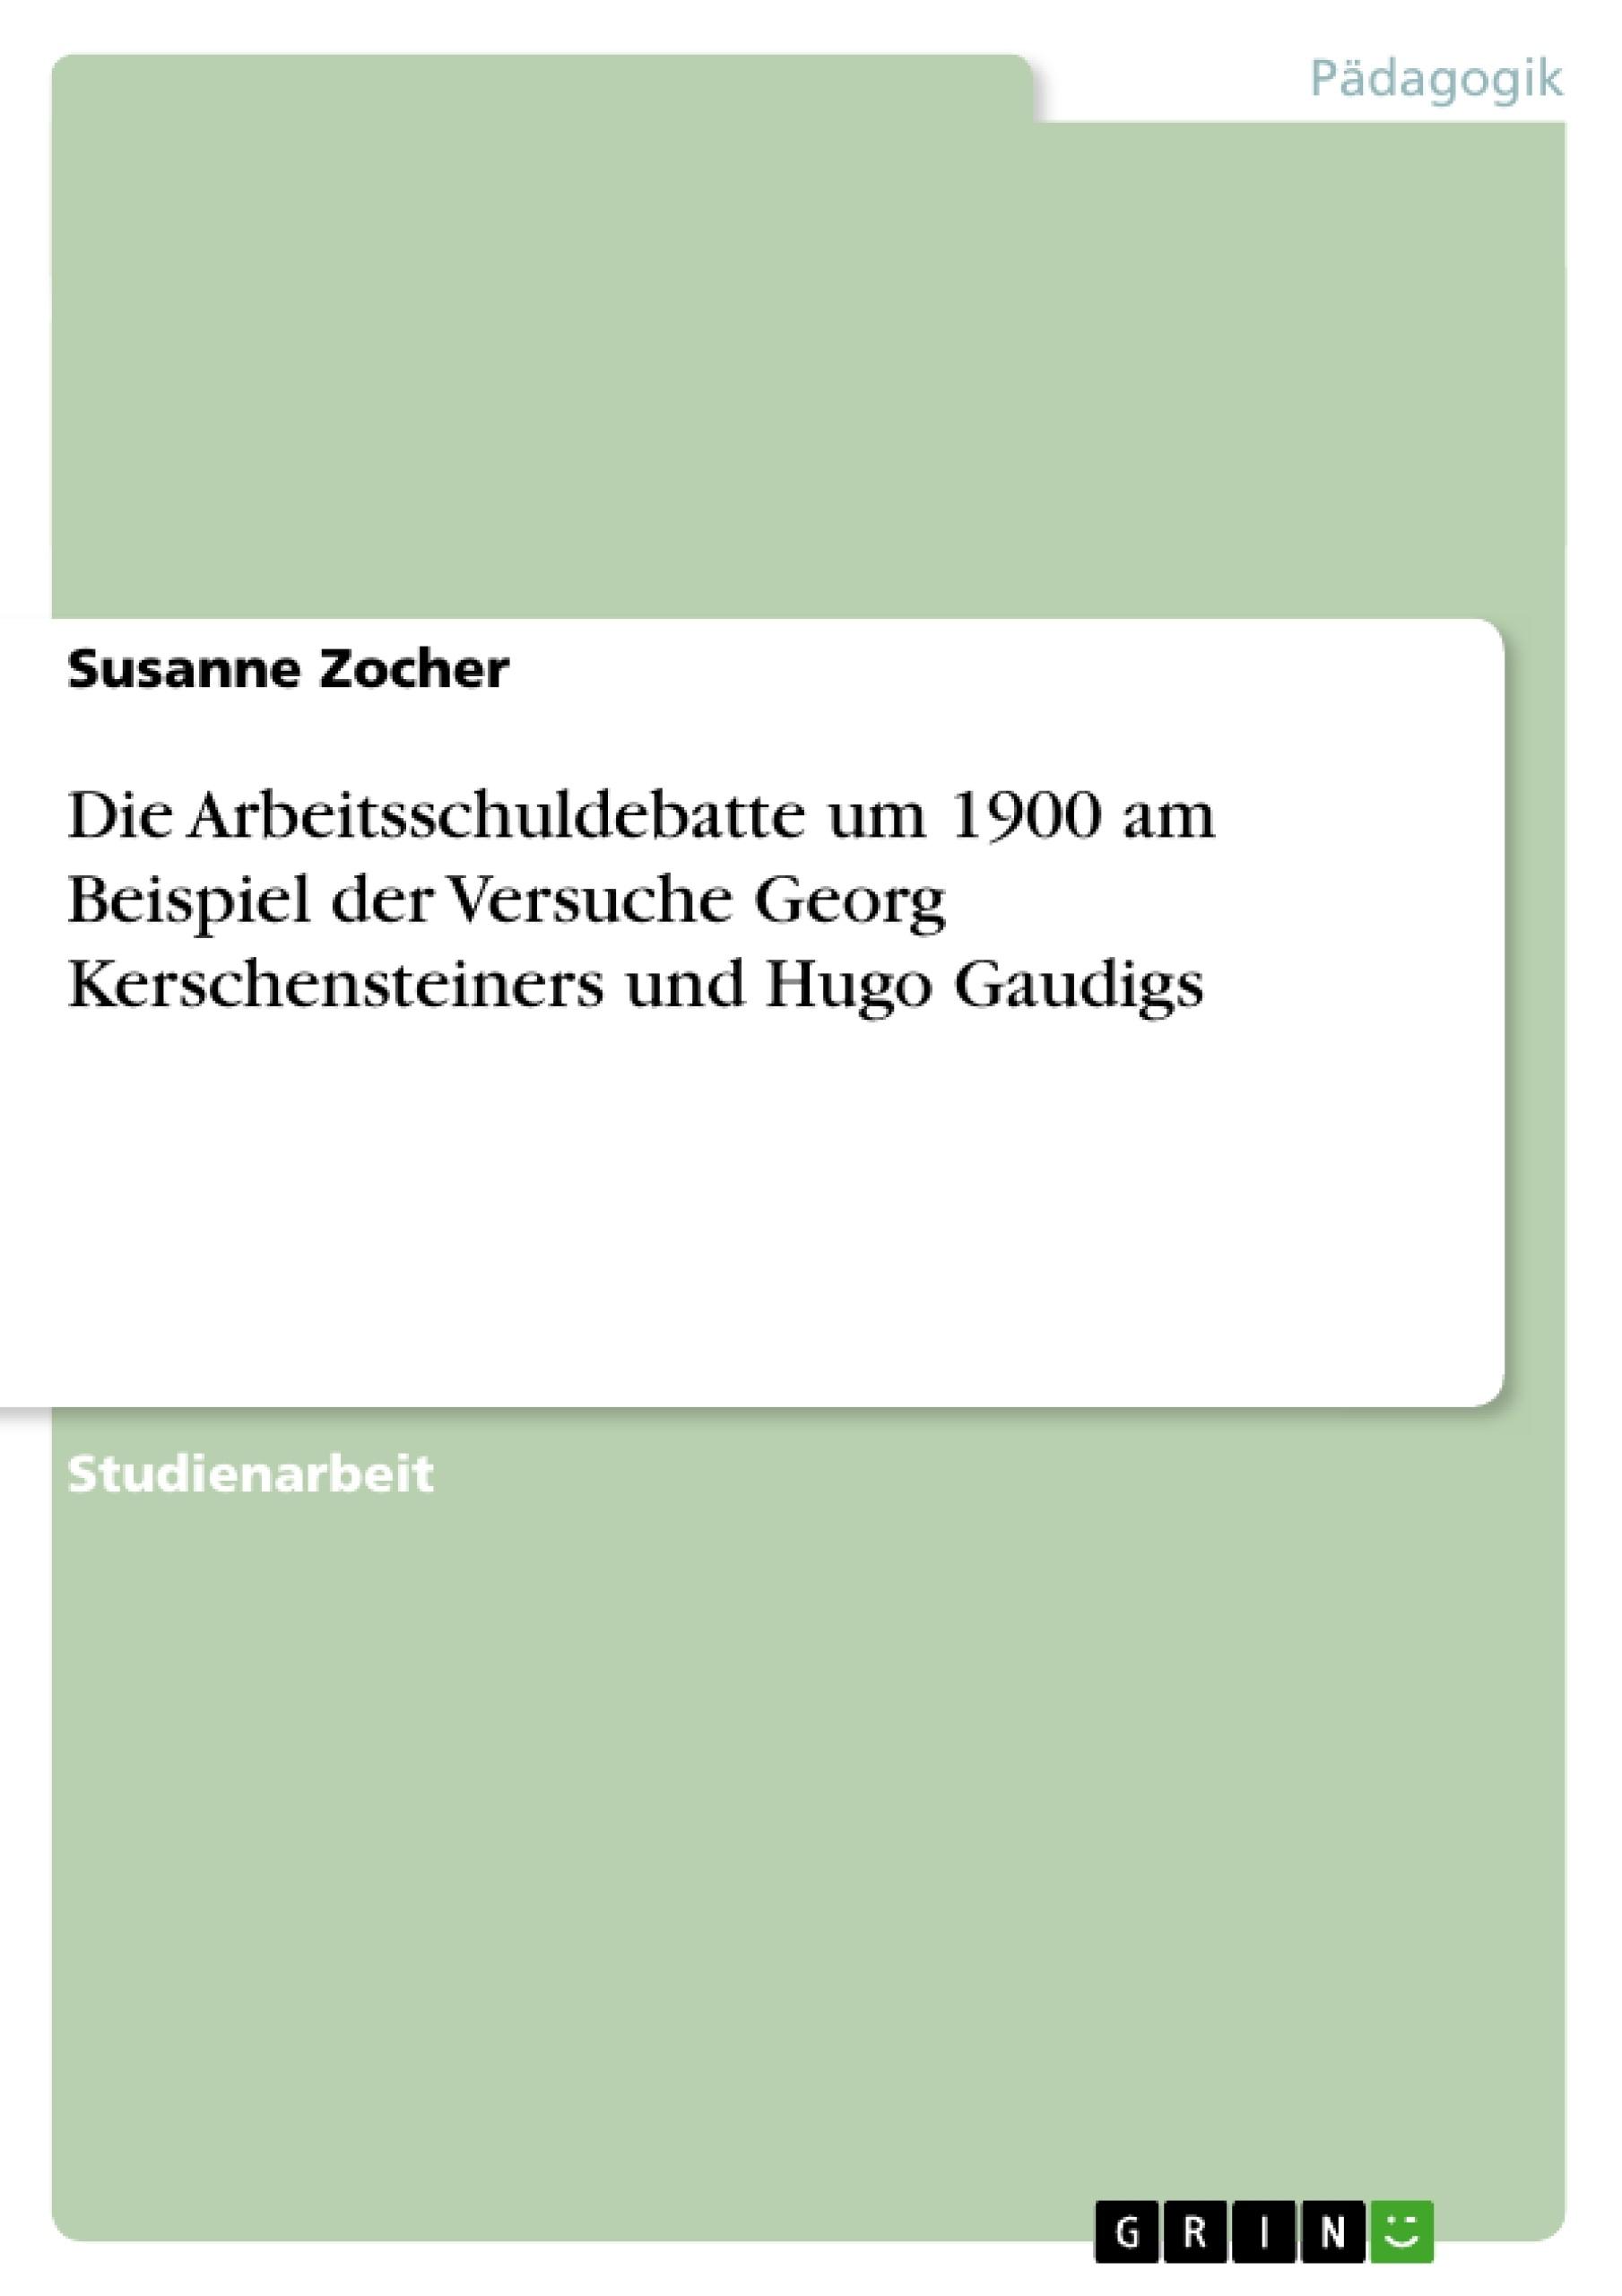 Titel: Die Arbeitsschuldebatte um 1900 am Beispiel der Versuche Georg Kerschensteiners und Hugo Gaudigs